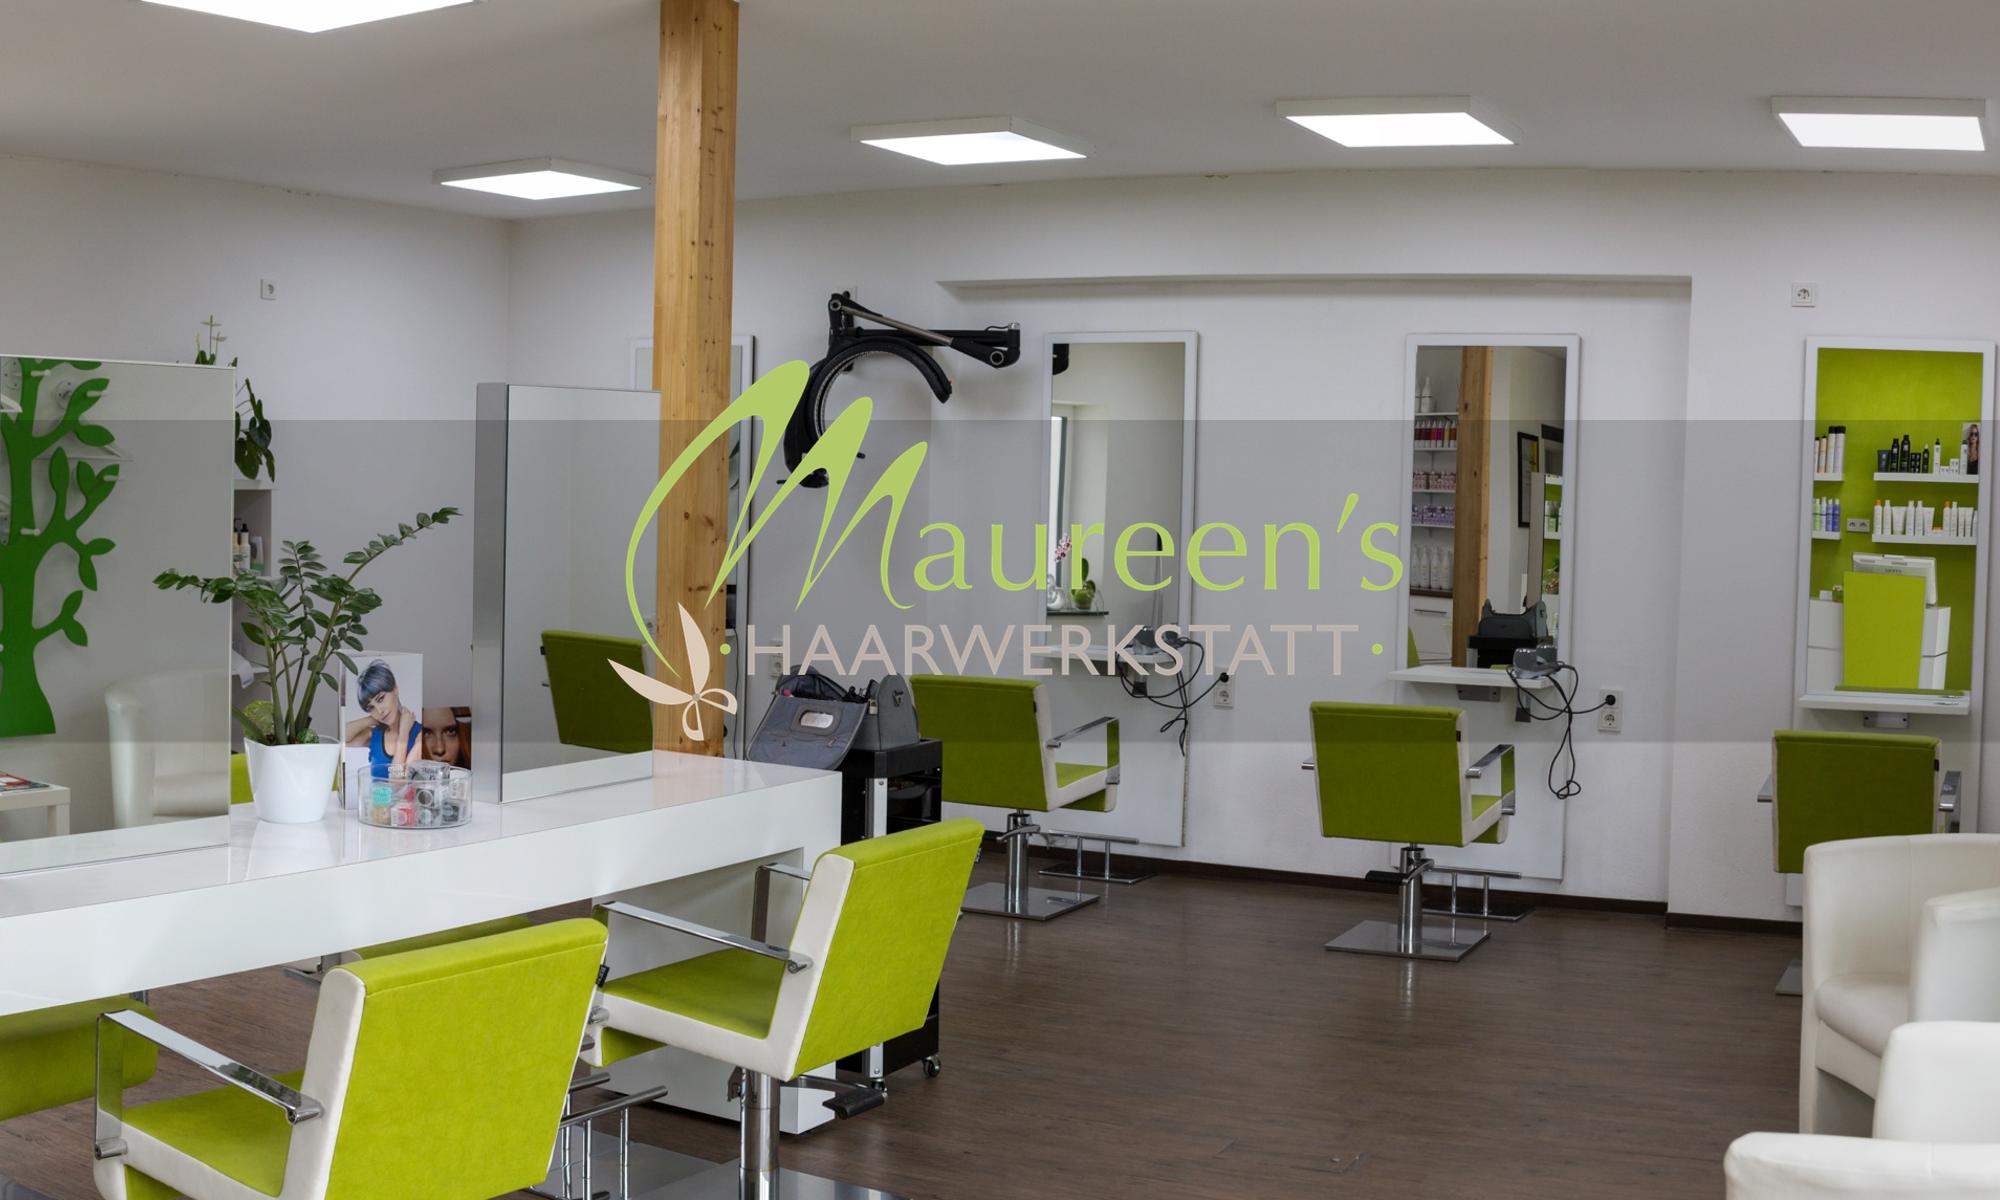 Maureens Haarwerkstatt